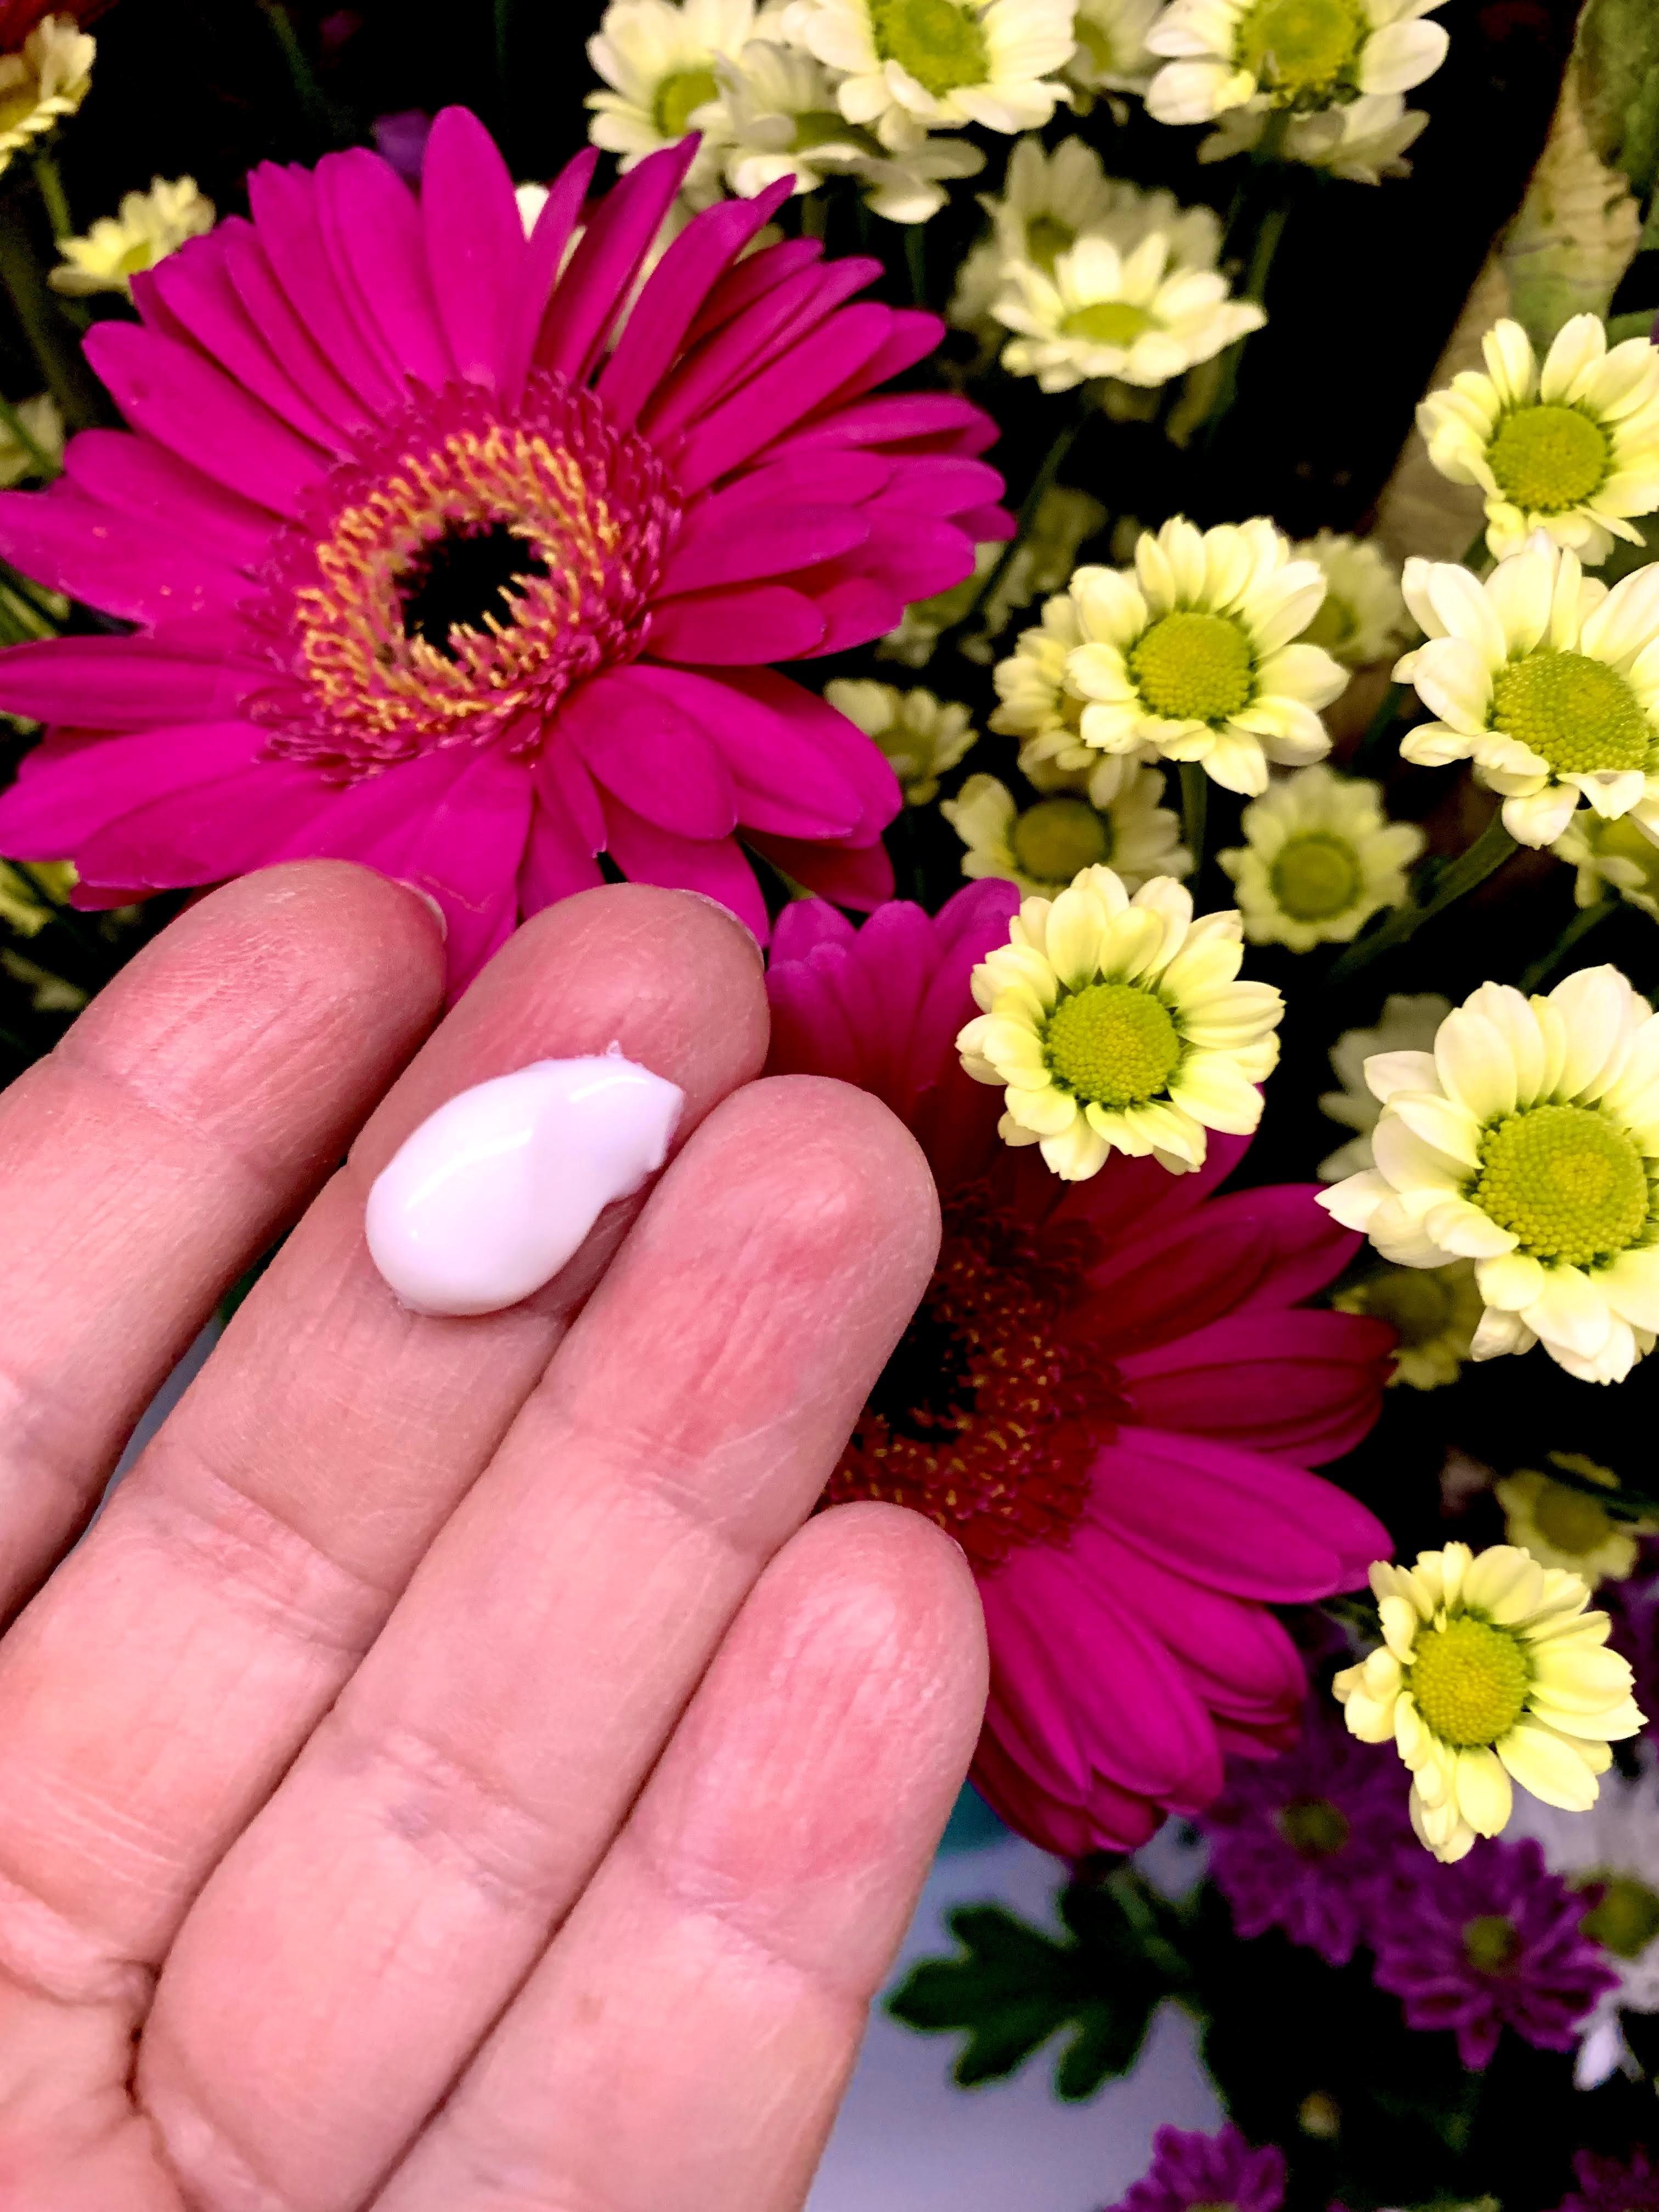 Moor Vitamin Creme von GERLAVIT